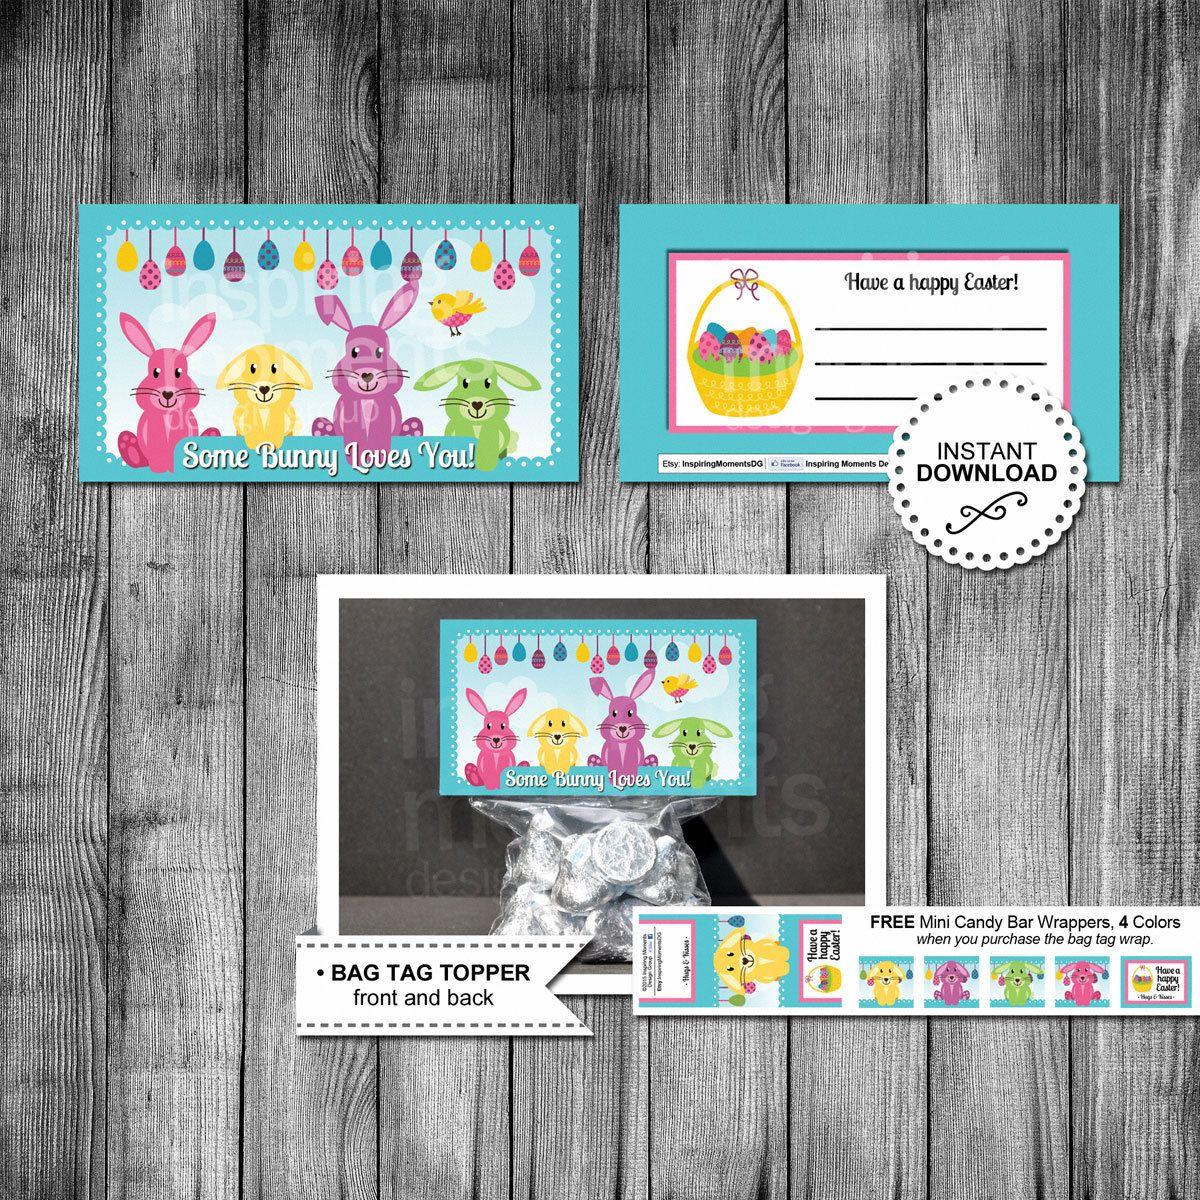 Bunny easter candy bag topper bag tag favor tags classroom bunny easter candy bag topper bag tag favor tags classroom gifts easter negle Choice Image